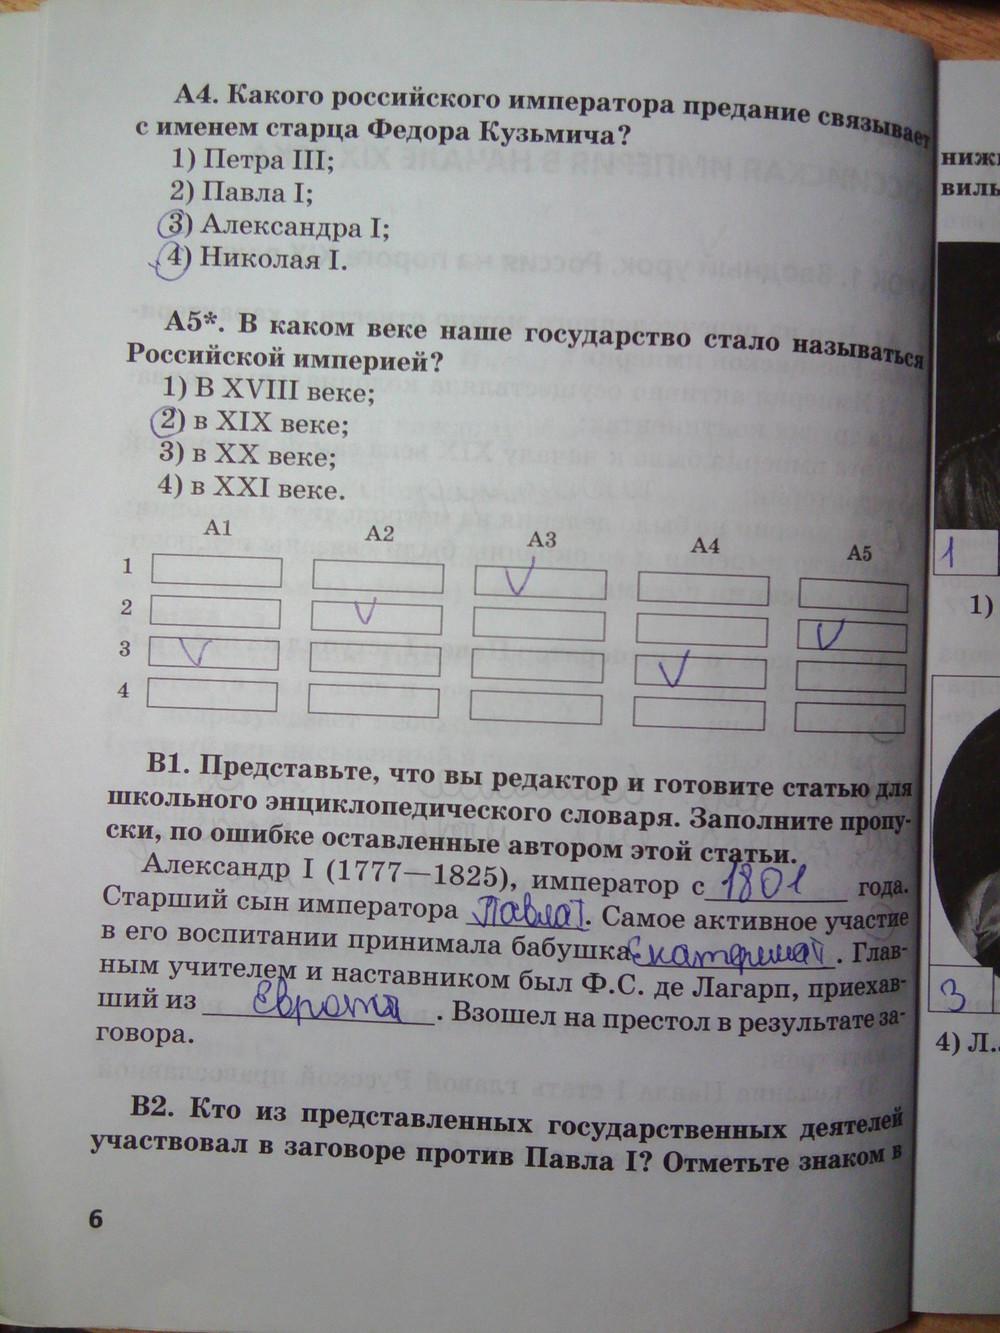 Гдз по истории россии xix века 8 класс боханов